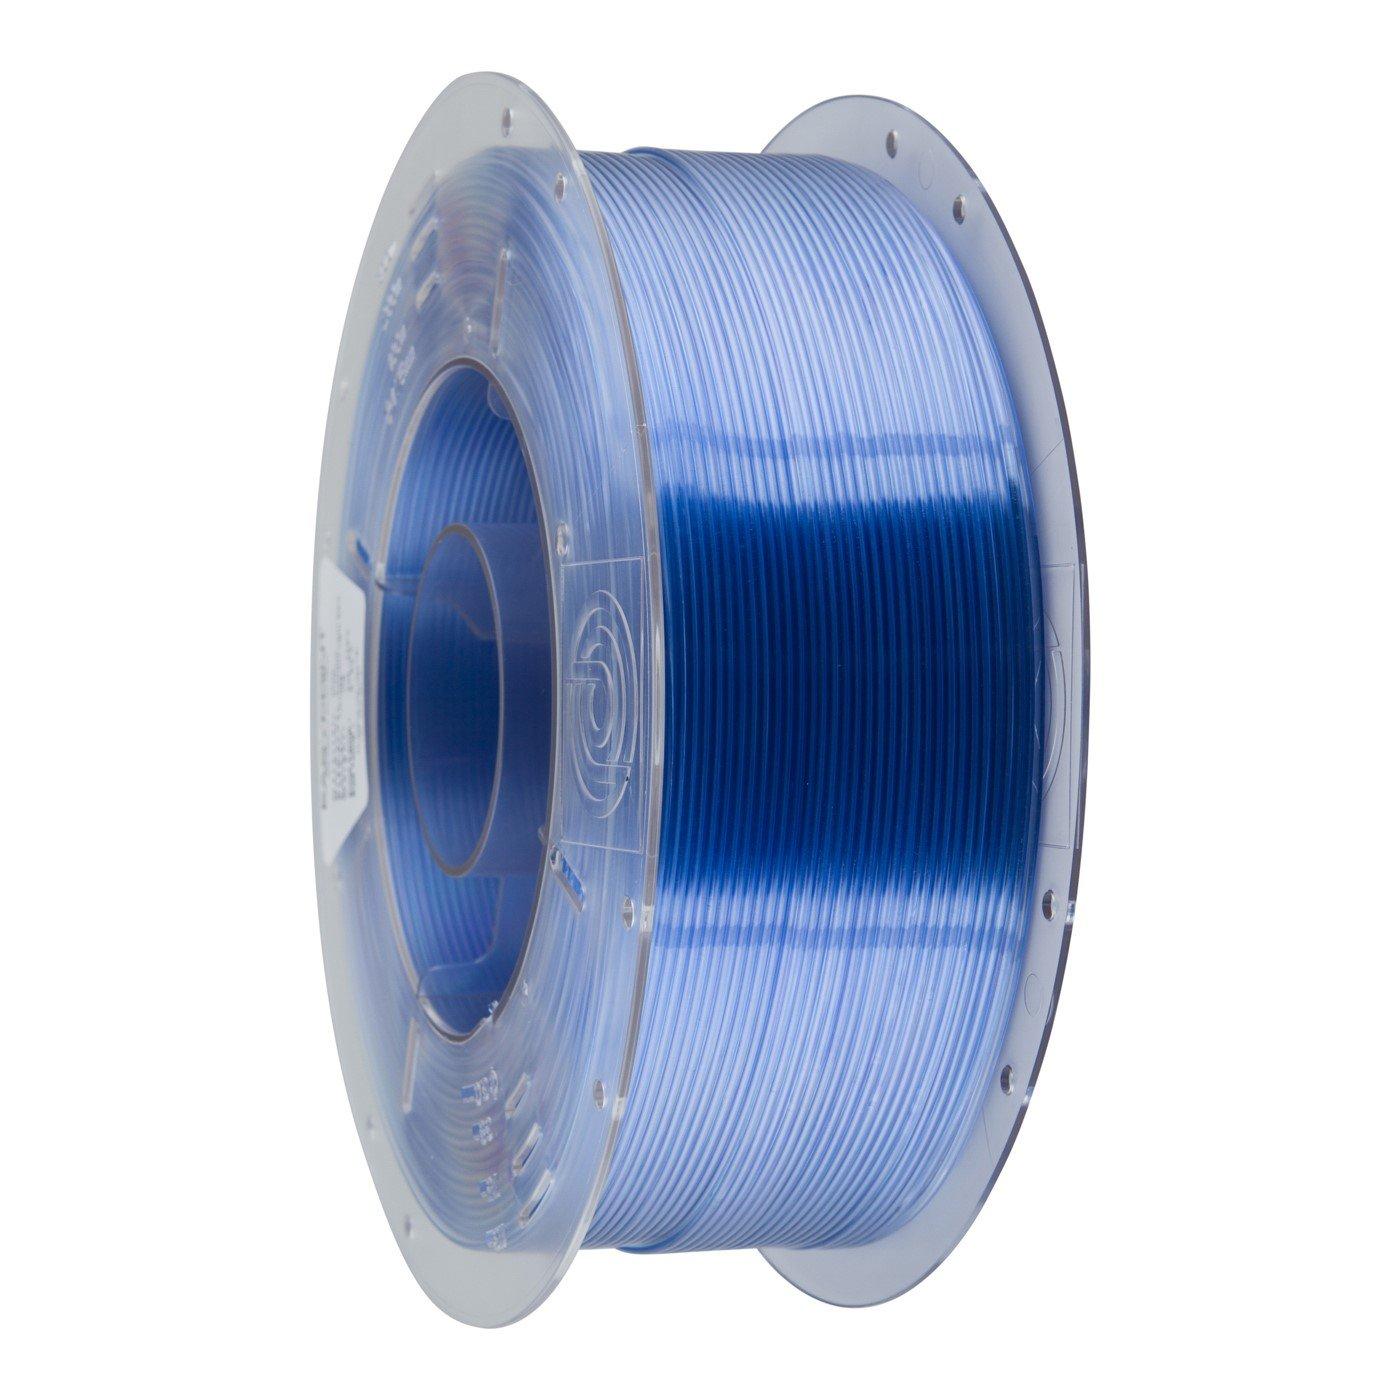 Filamento PETG 2.85mm 1kg COLOR FOTO-1 IMP 3D [7DRPB417]